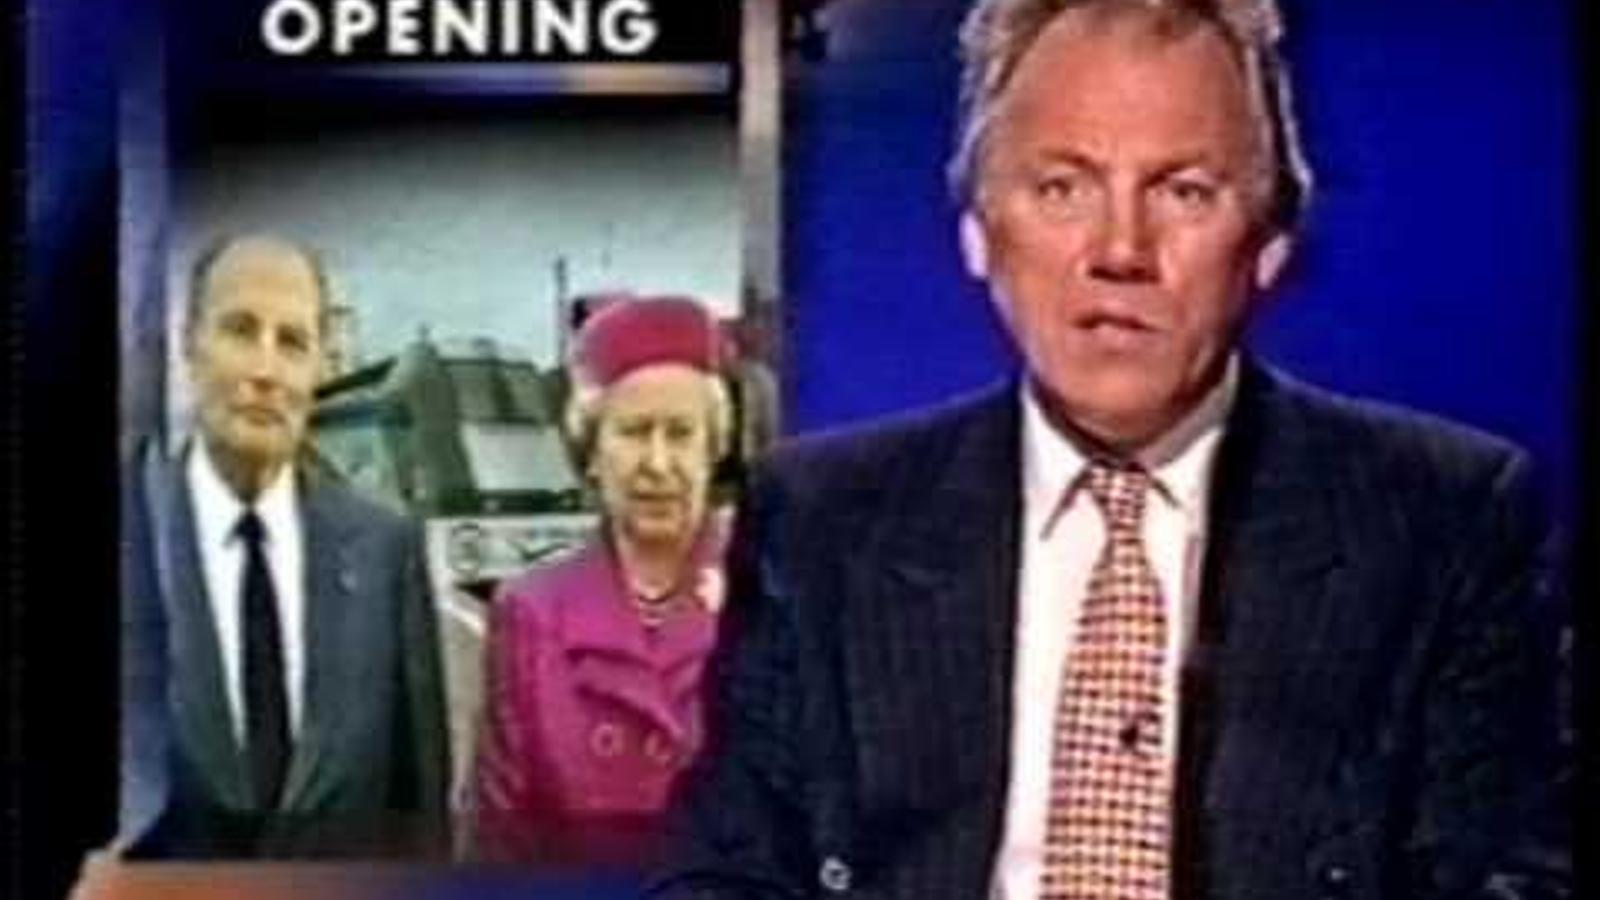 El pont sobre el Canal de la Mànega, darrera fantasia de Boris Johnson?